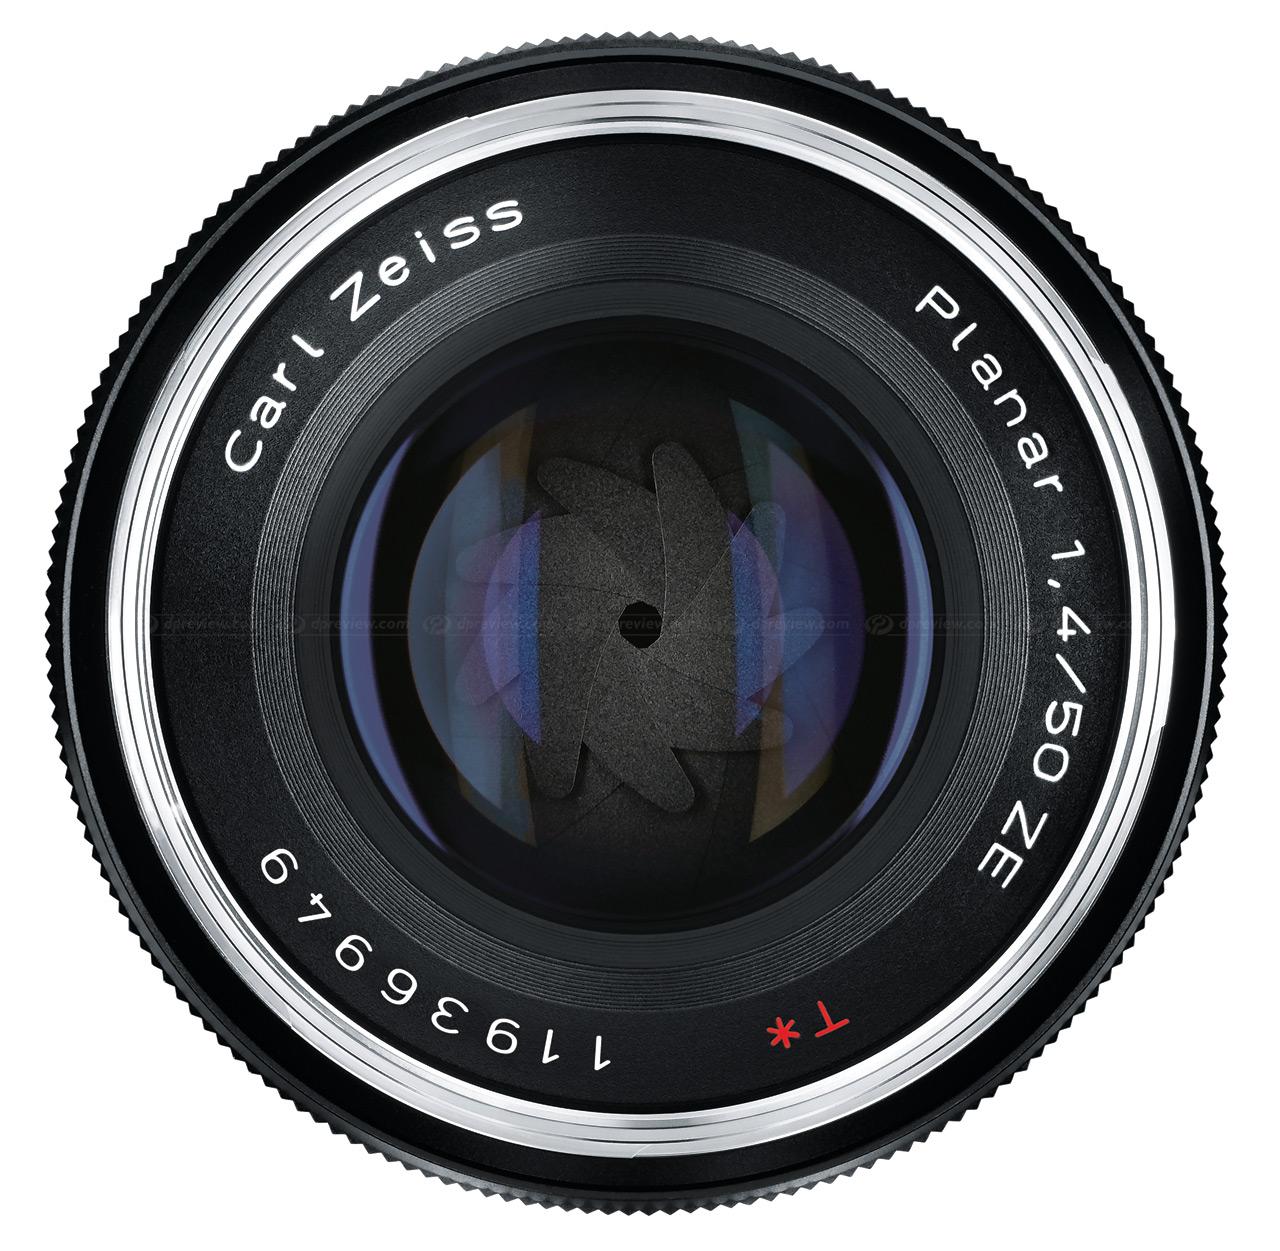 کیفیت لنز دوربین مداربسته و تاثیر آن در قیمت و شفافیت تصویر